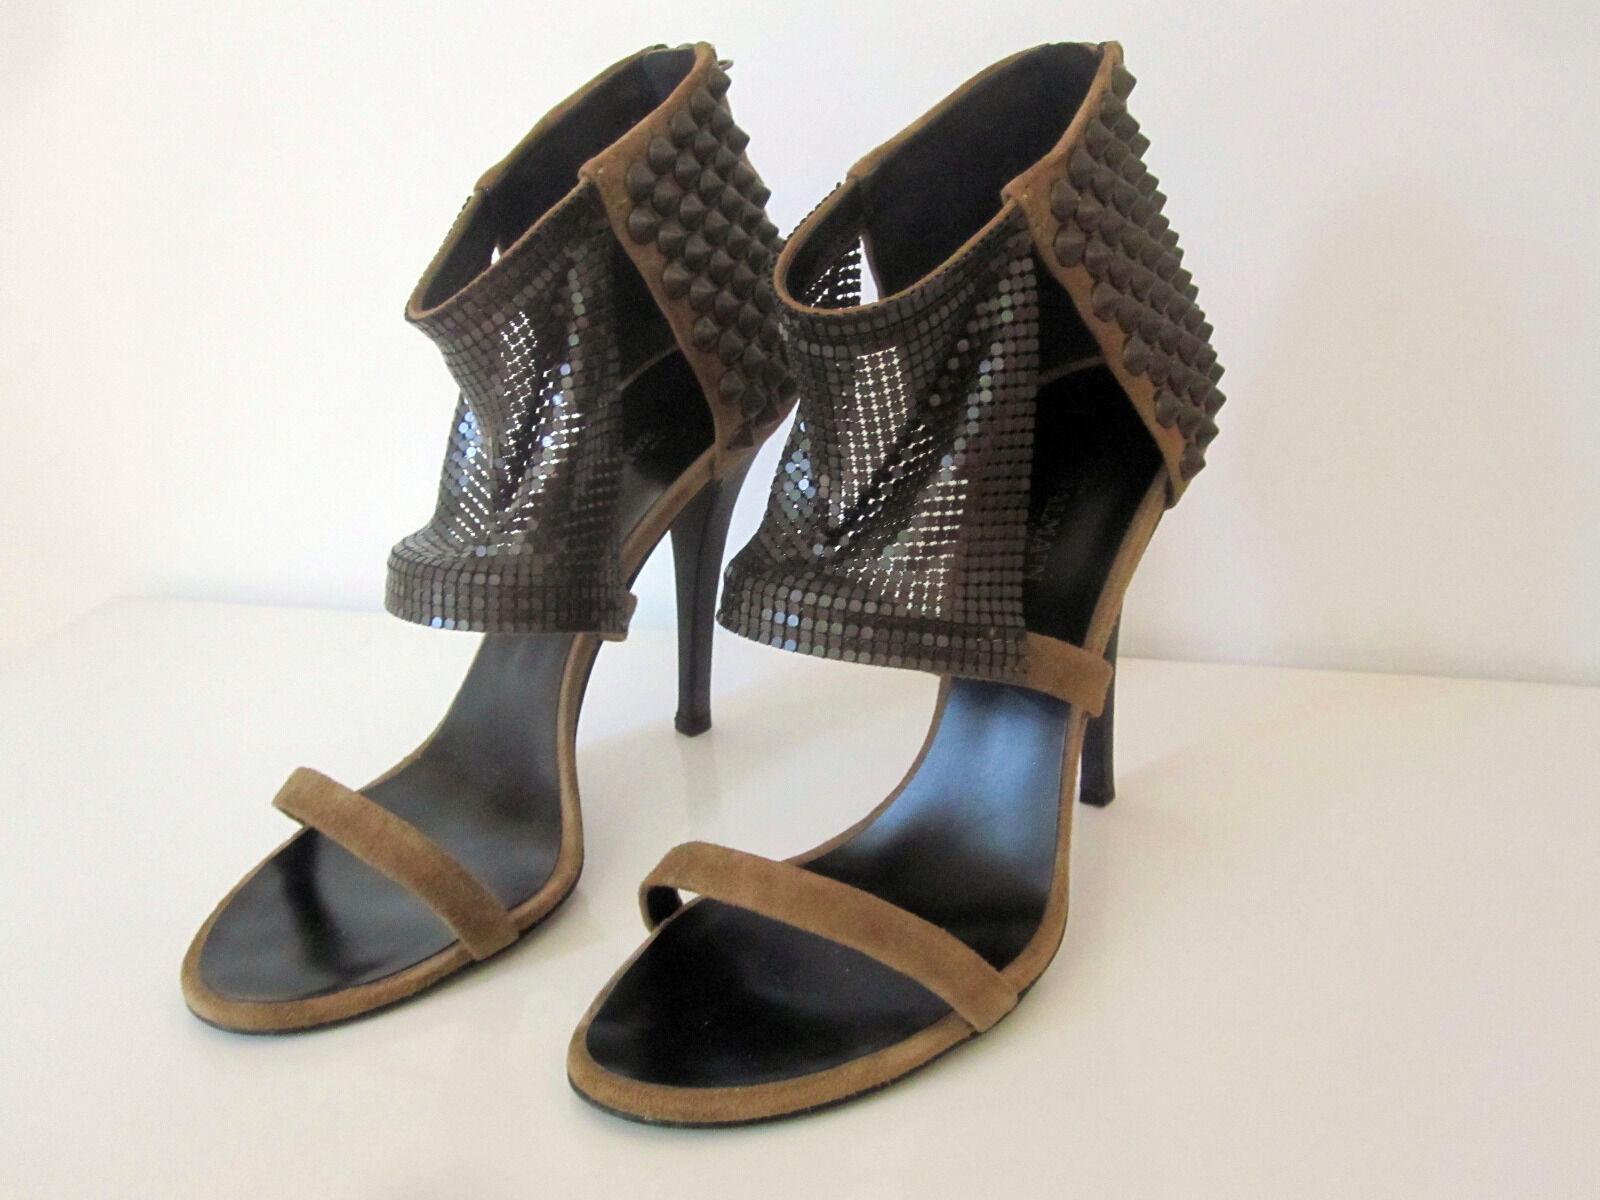 Balmain Balmain Balmain pumps sandalia zapato-gladiador look-talla 38 – Top estado – NP c39681